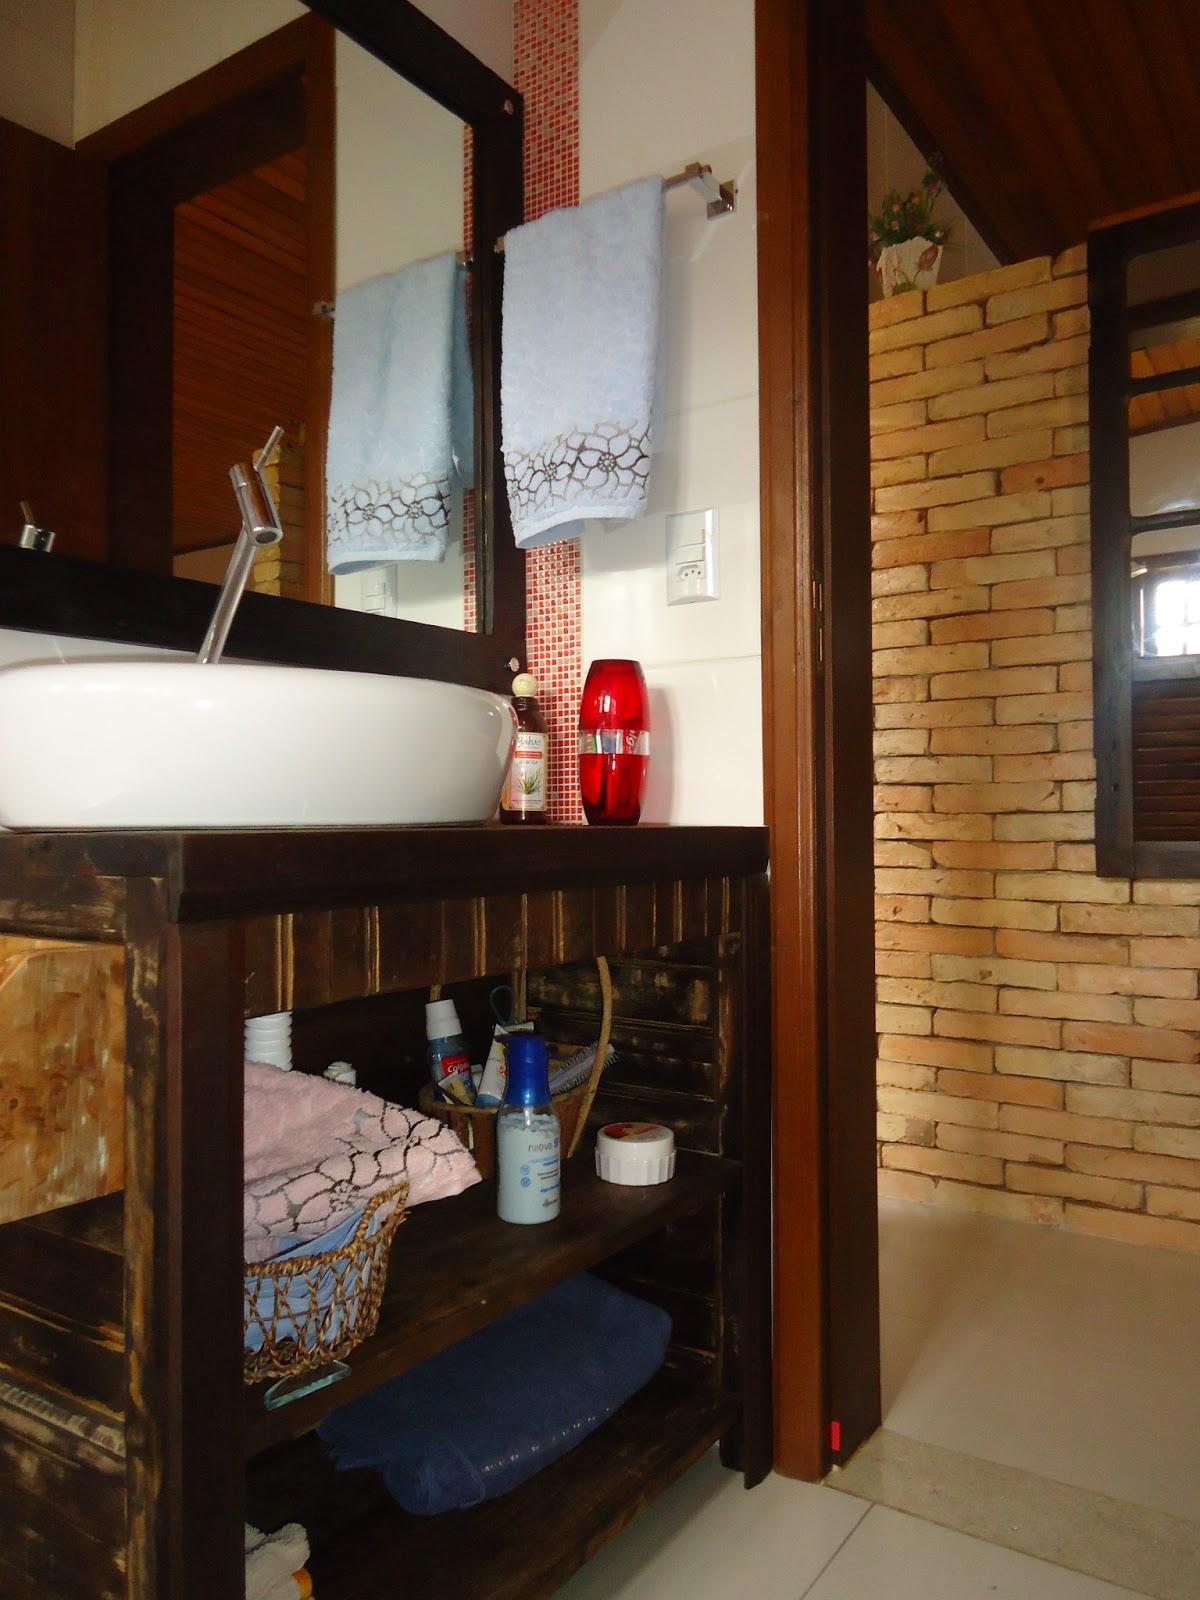 Imagens de #BD0E11 Talentos Móveis Rústicos: BANCADA DE BANHEIRO COM ESPELHO 1200x1600 px 3670 Banheiros Rusticos Imagens